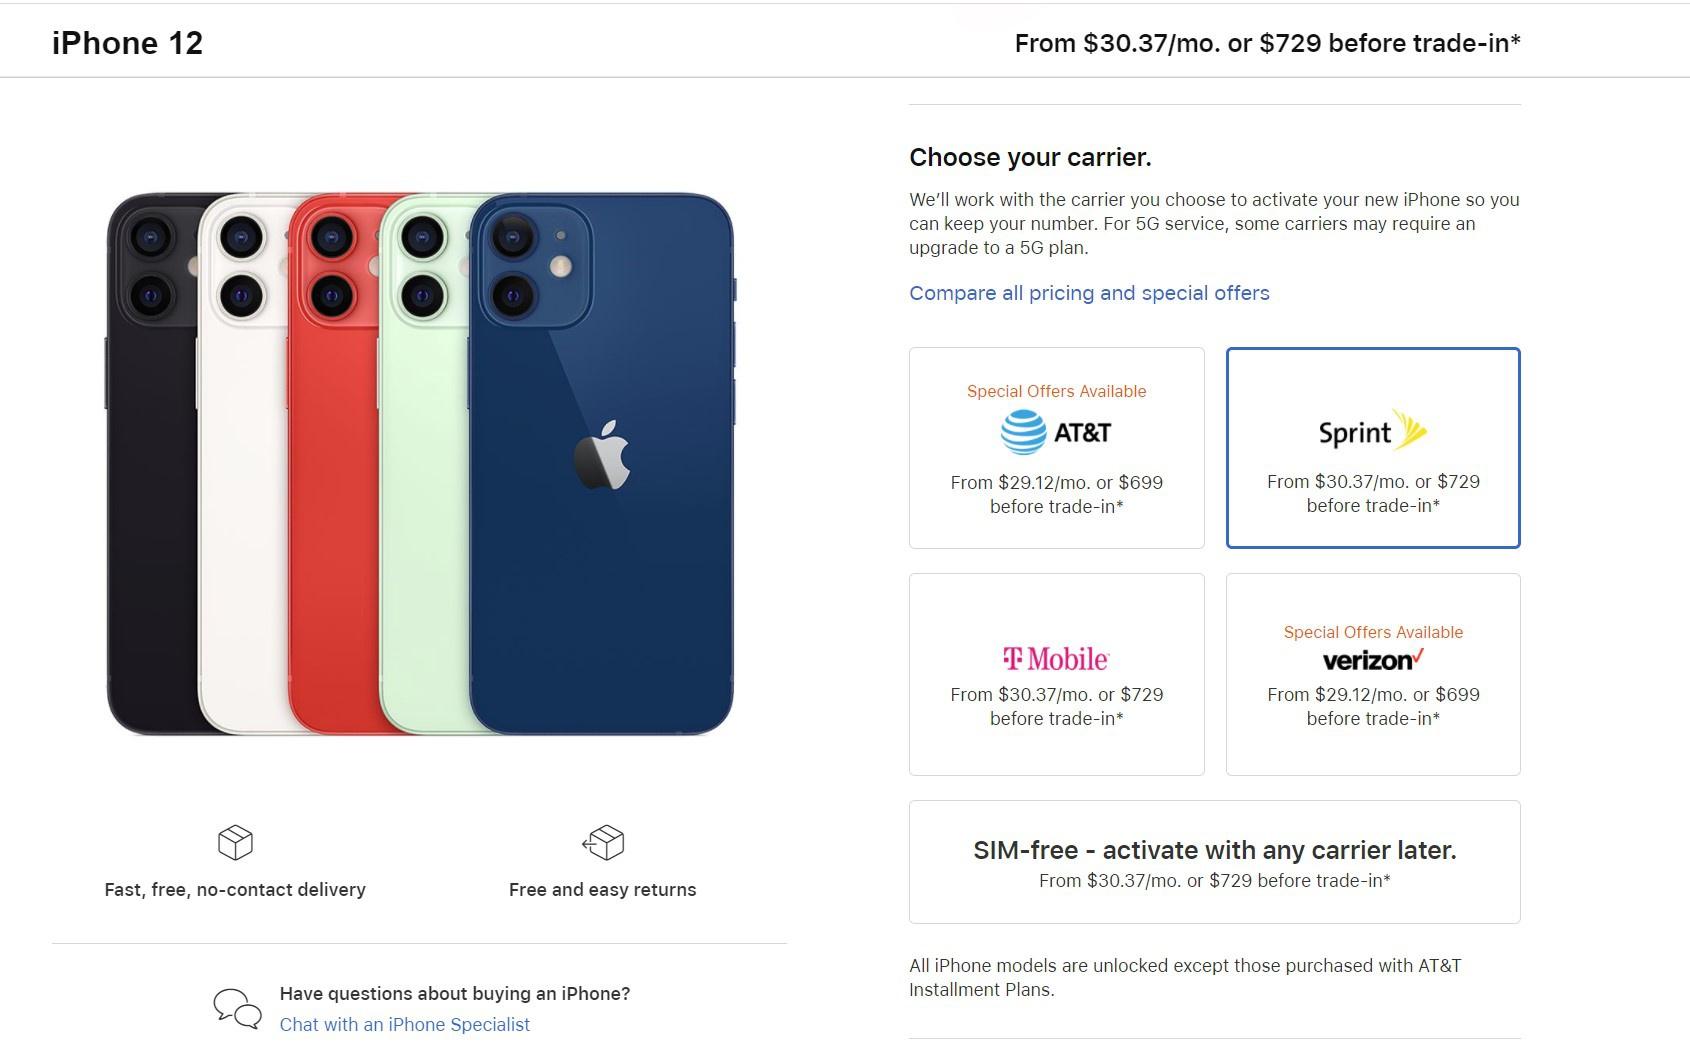 apple ra mat iphone 12 anh 4